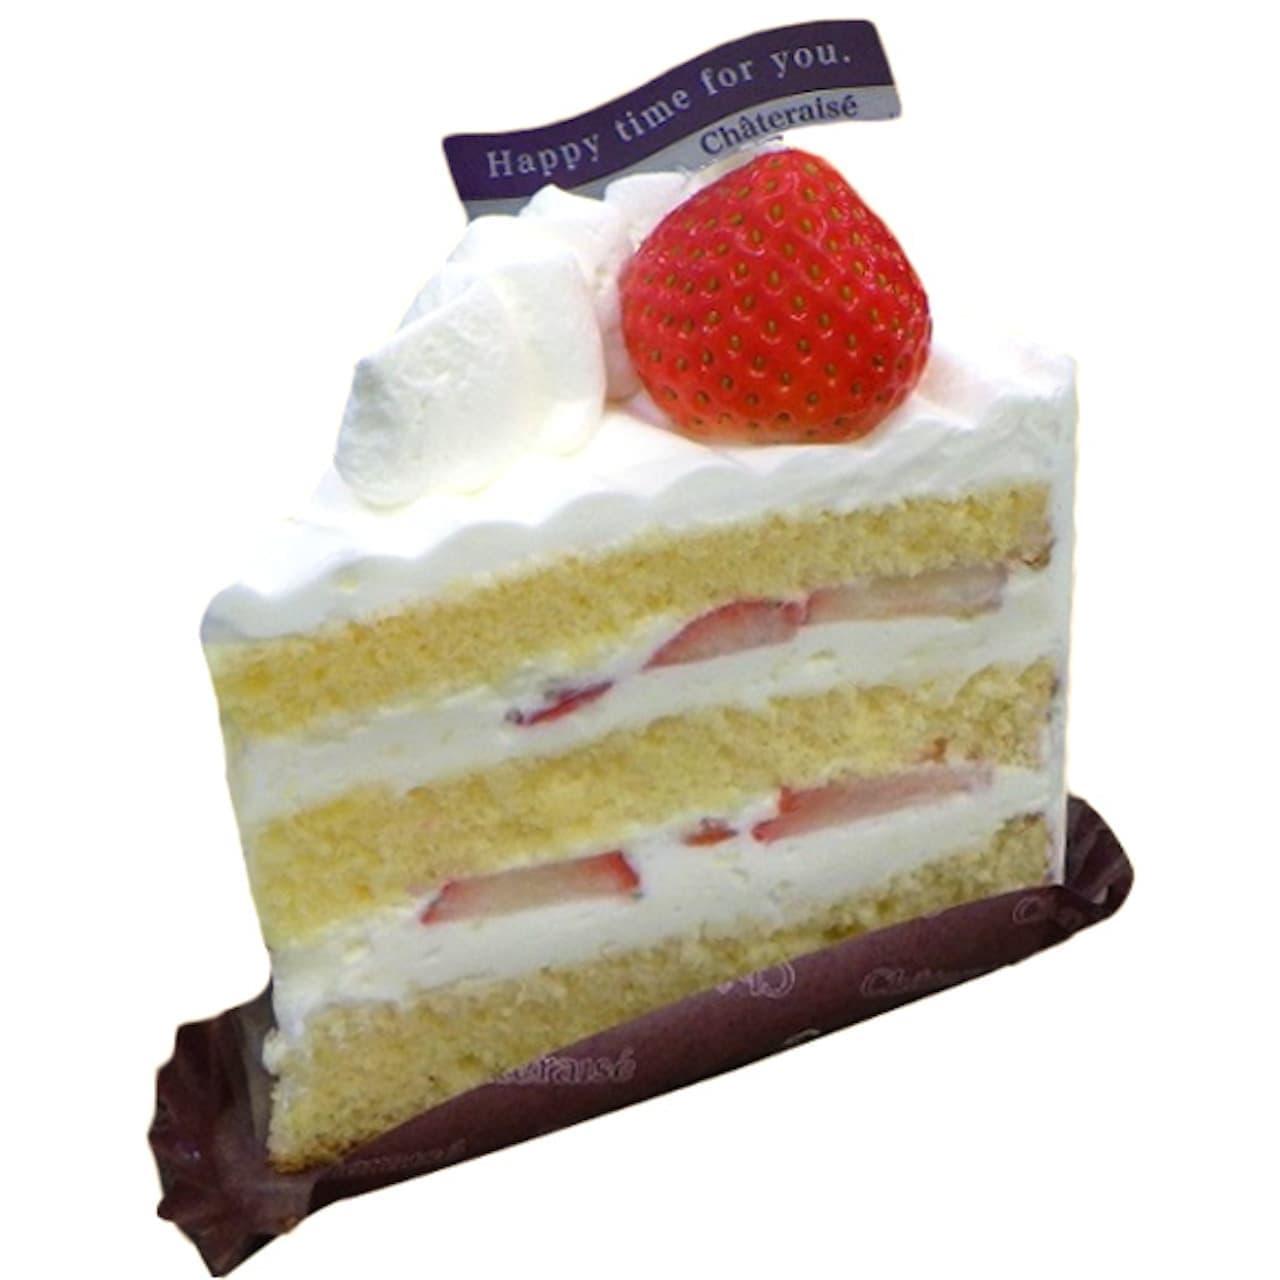 シャトレーゼ「 栃木県産とちおとめ種苺のプレミアム純生クリームショートケーキ」